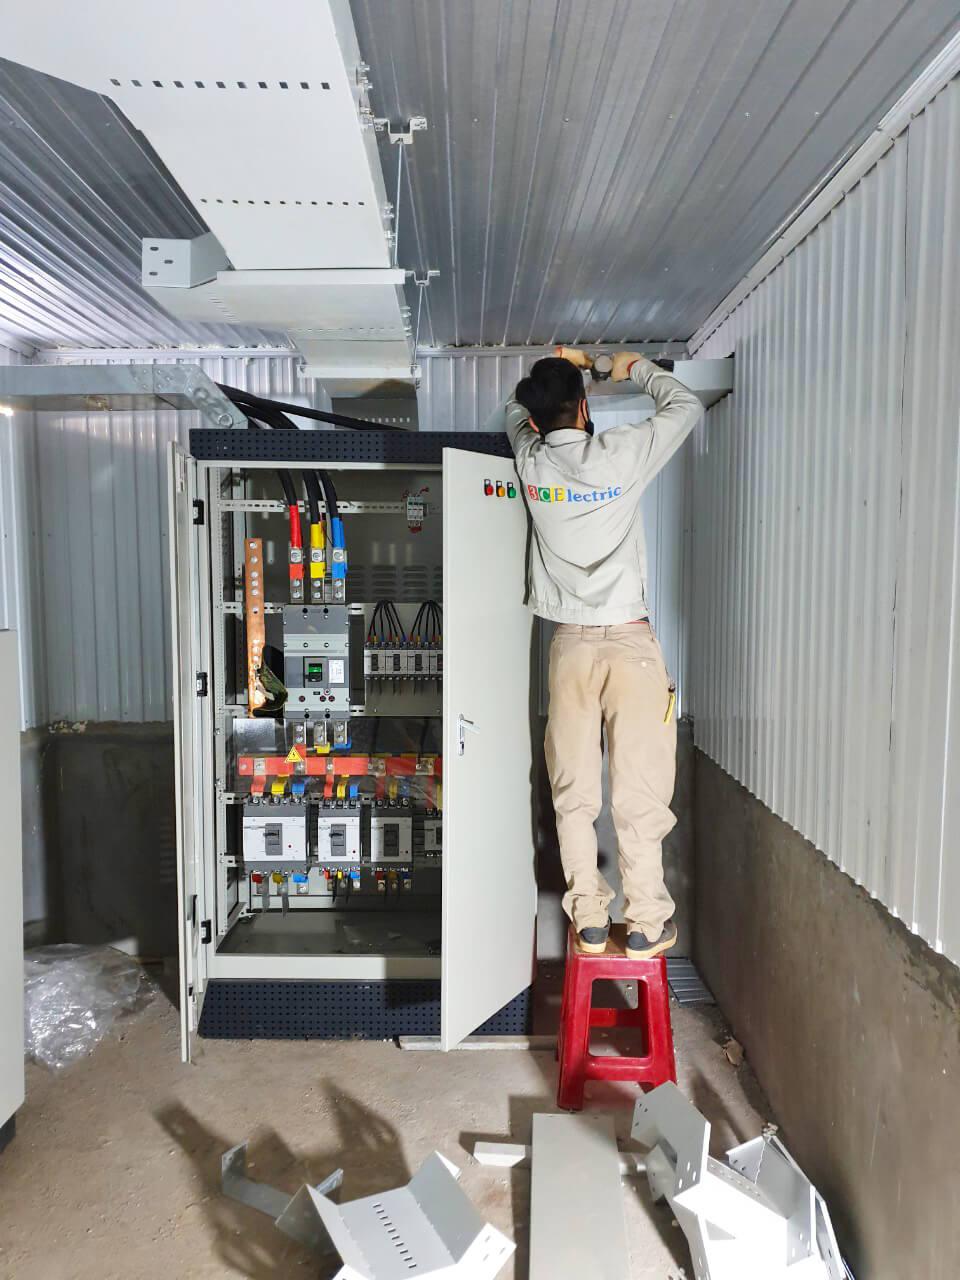 Cung cấp tủ điện điều khiển cho dự án trại heo Bình Phước